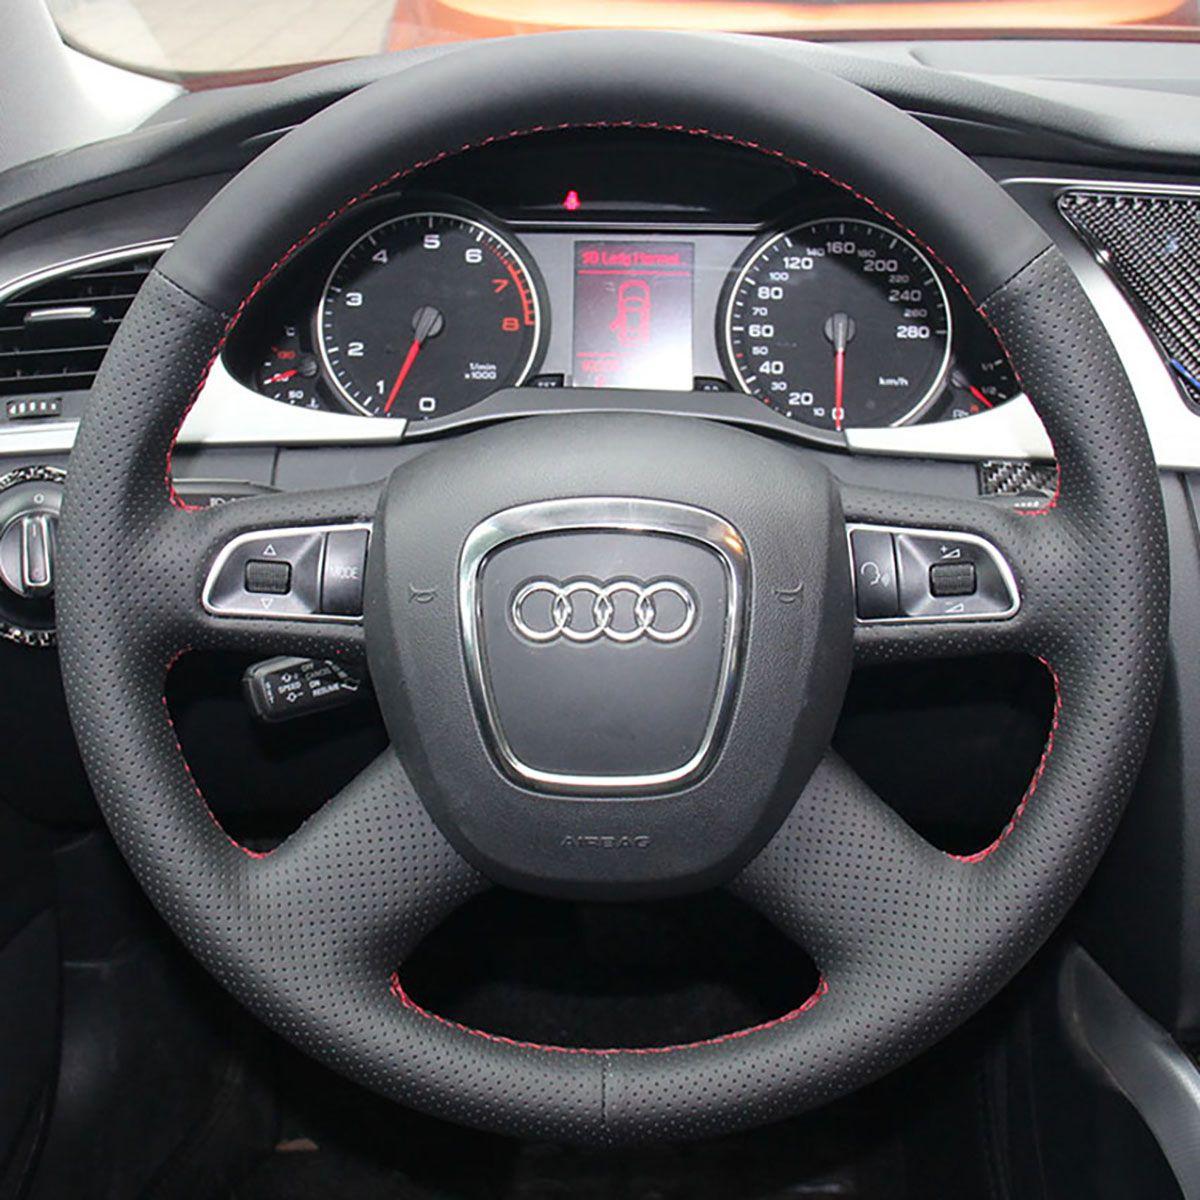 Крышки рулевого колеса для Audi A4L / A8L 2009 / Q7 2010 ~ 2012 Специально изготовленные из натуральной кожи крышка руля DIY стайлинга автомобилей черные / красные линии